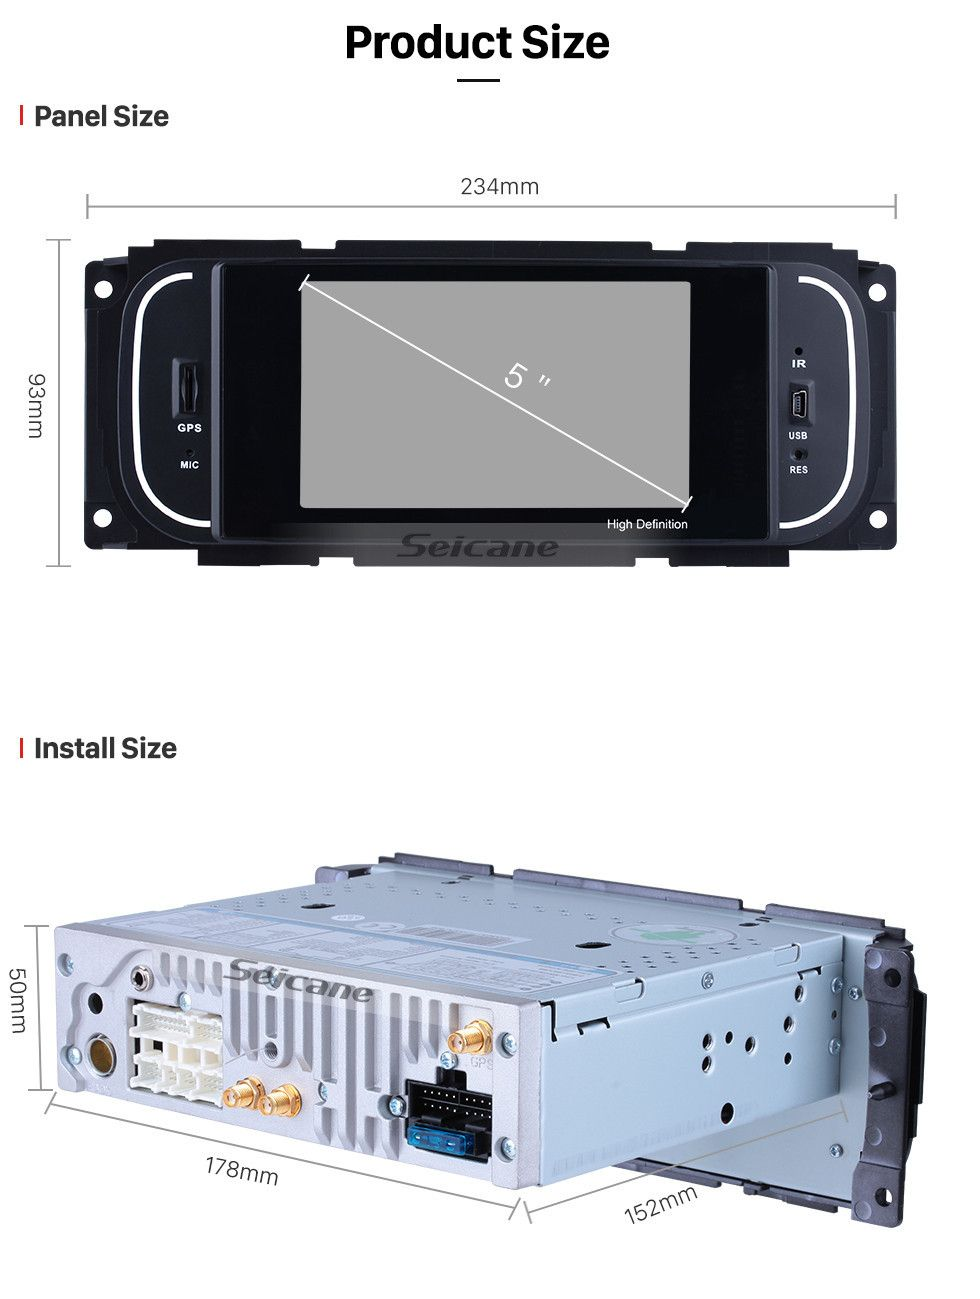 Seicane Android 8 1 Hd Touchscrenn Car Radio Head Unit For 2001